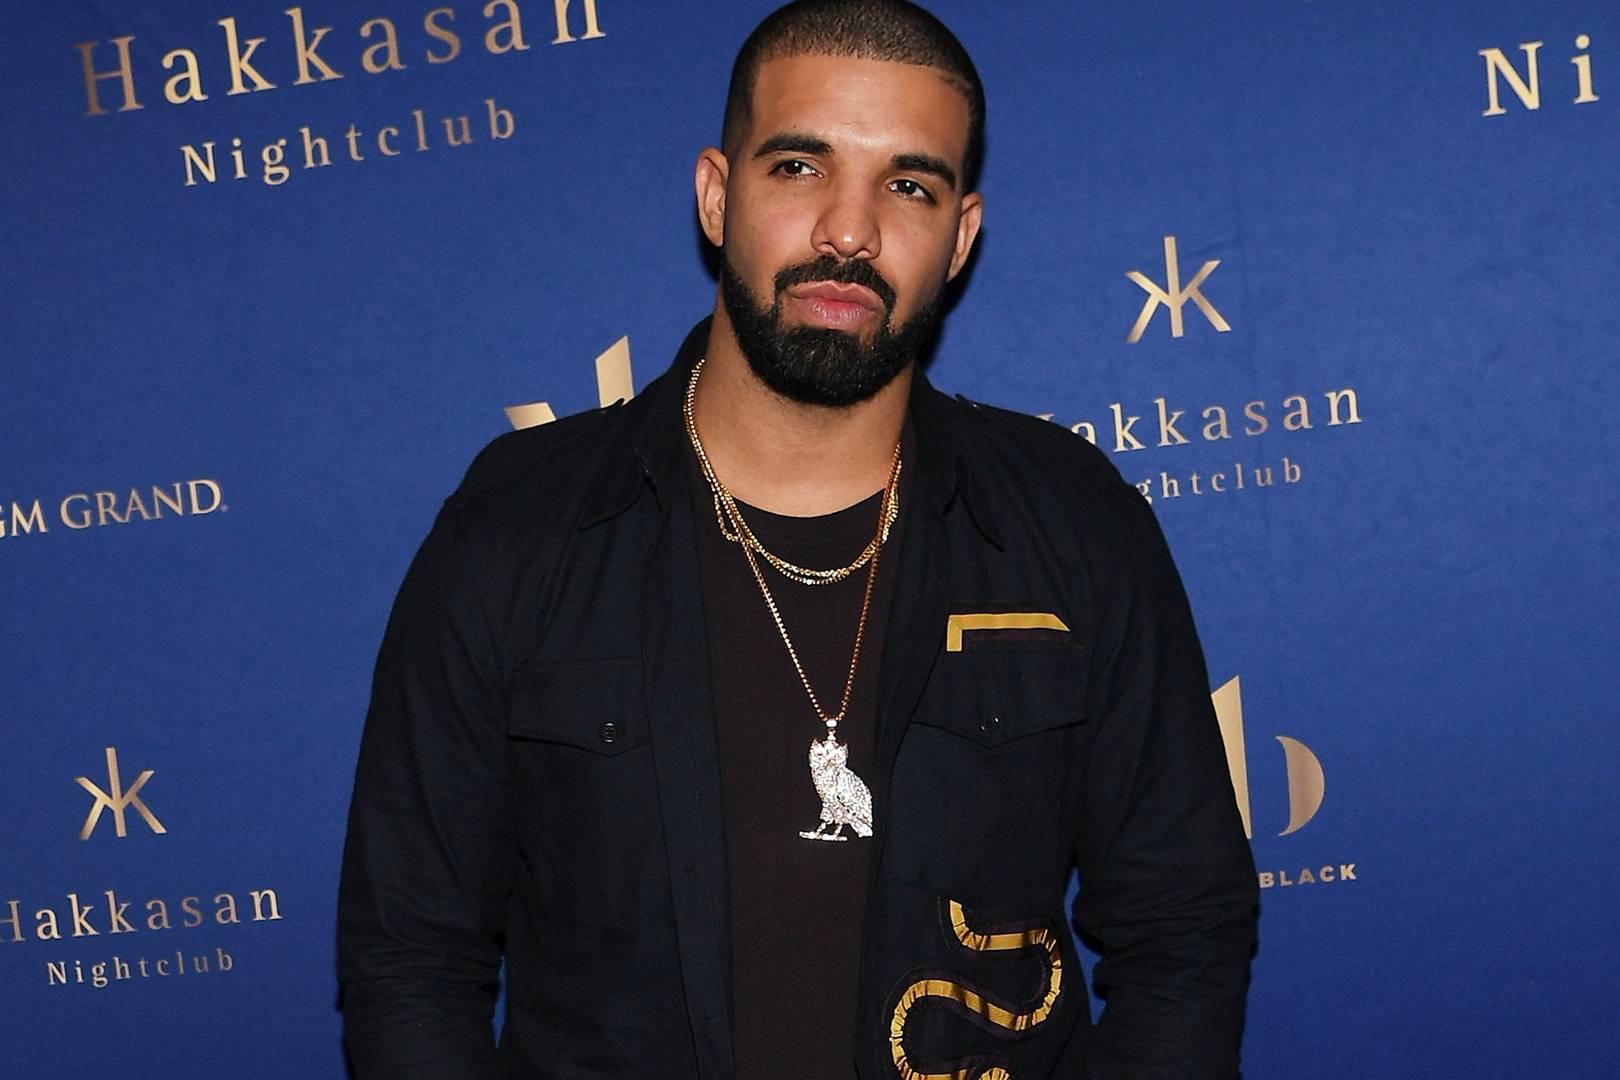 Drake's bling